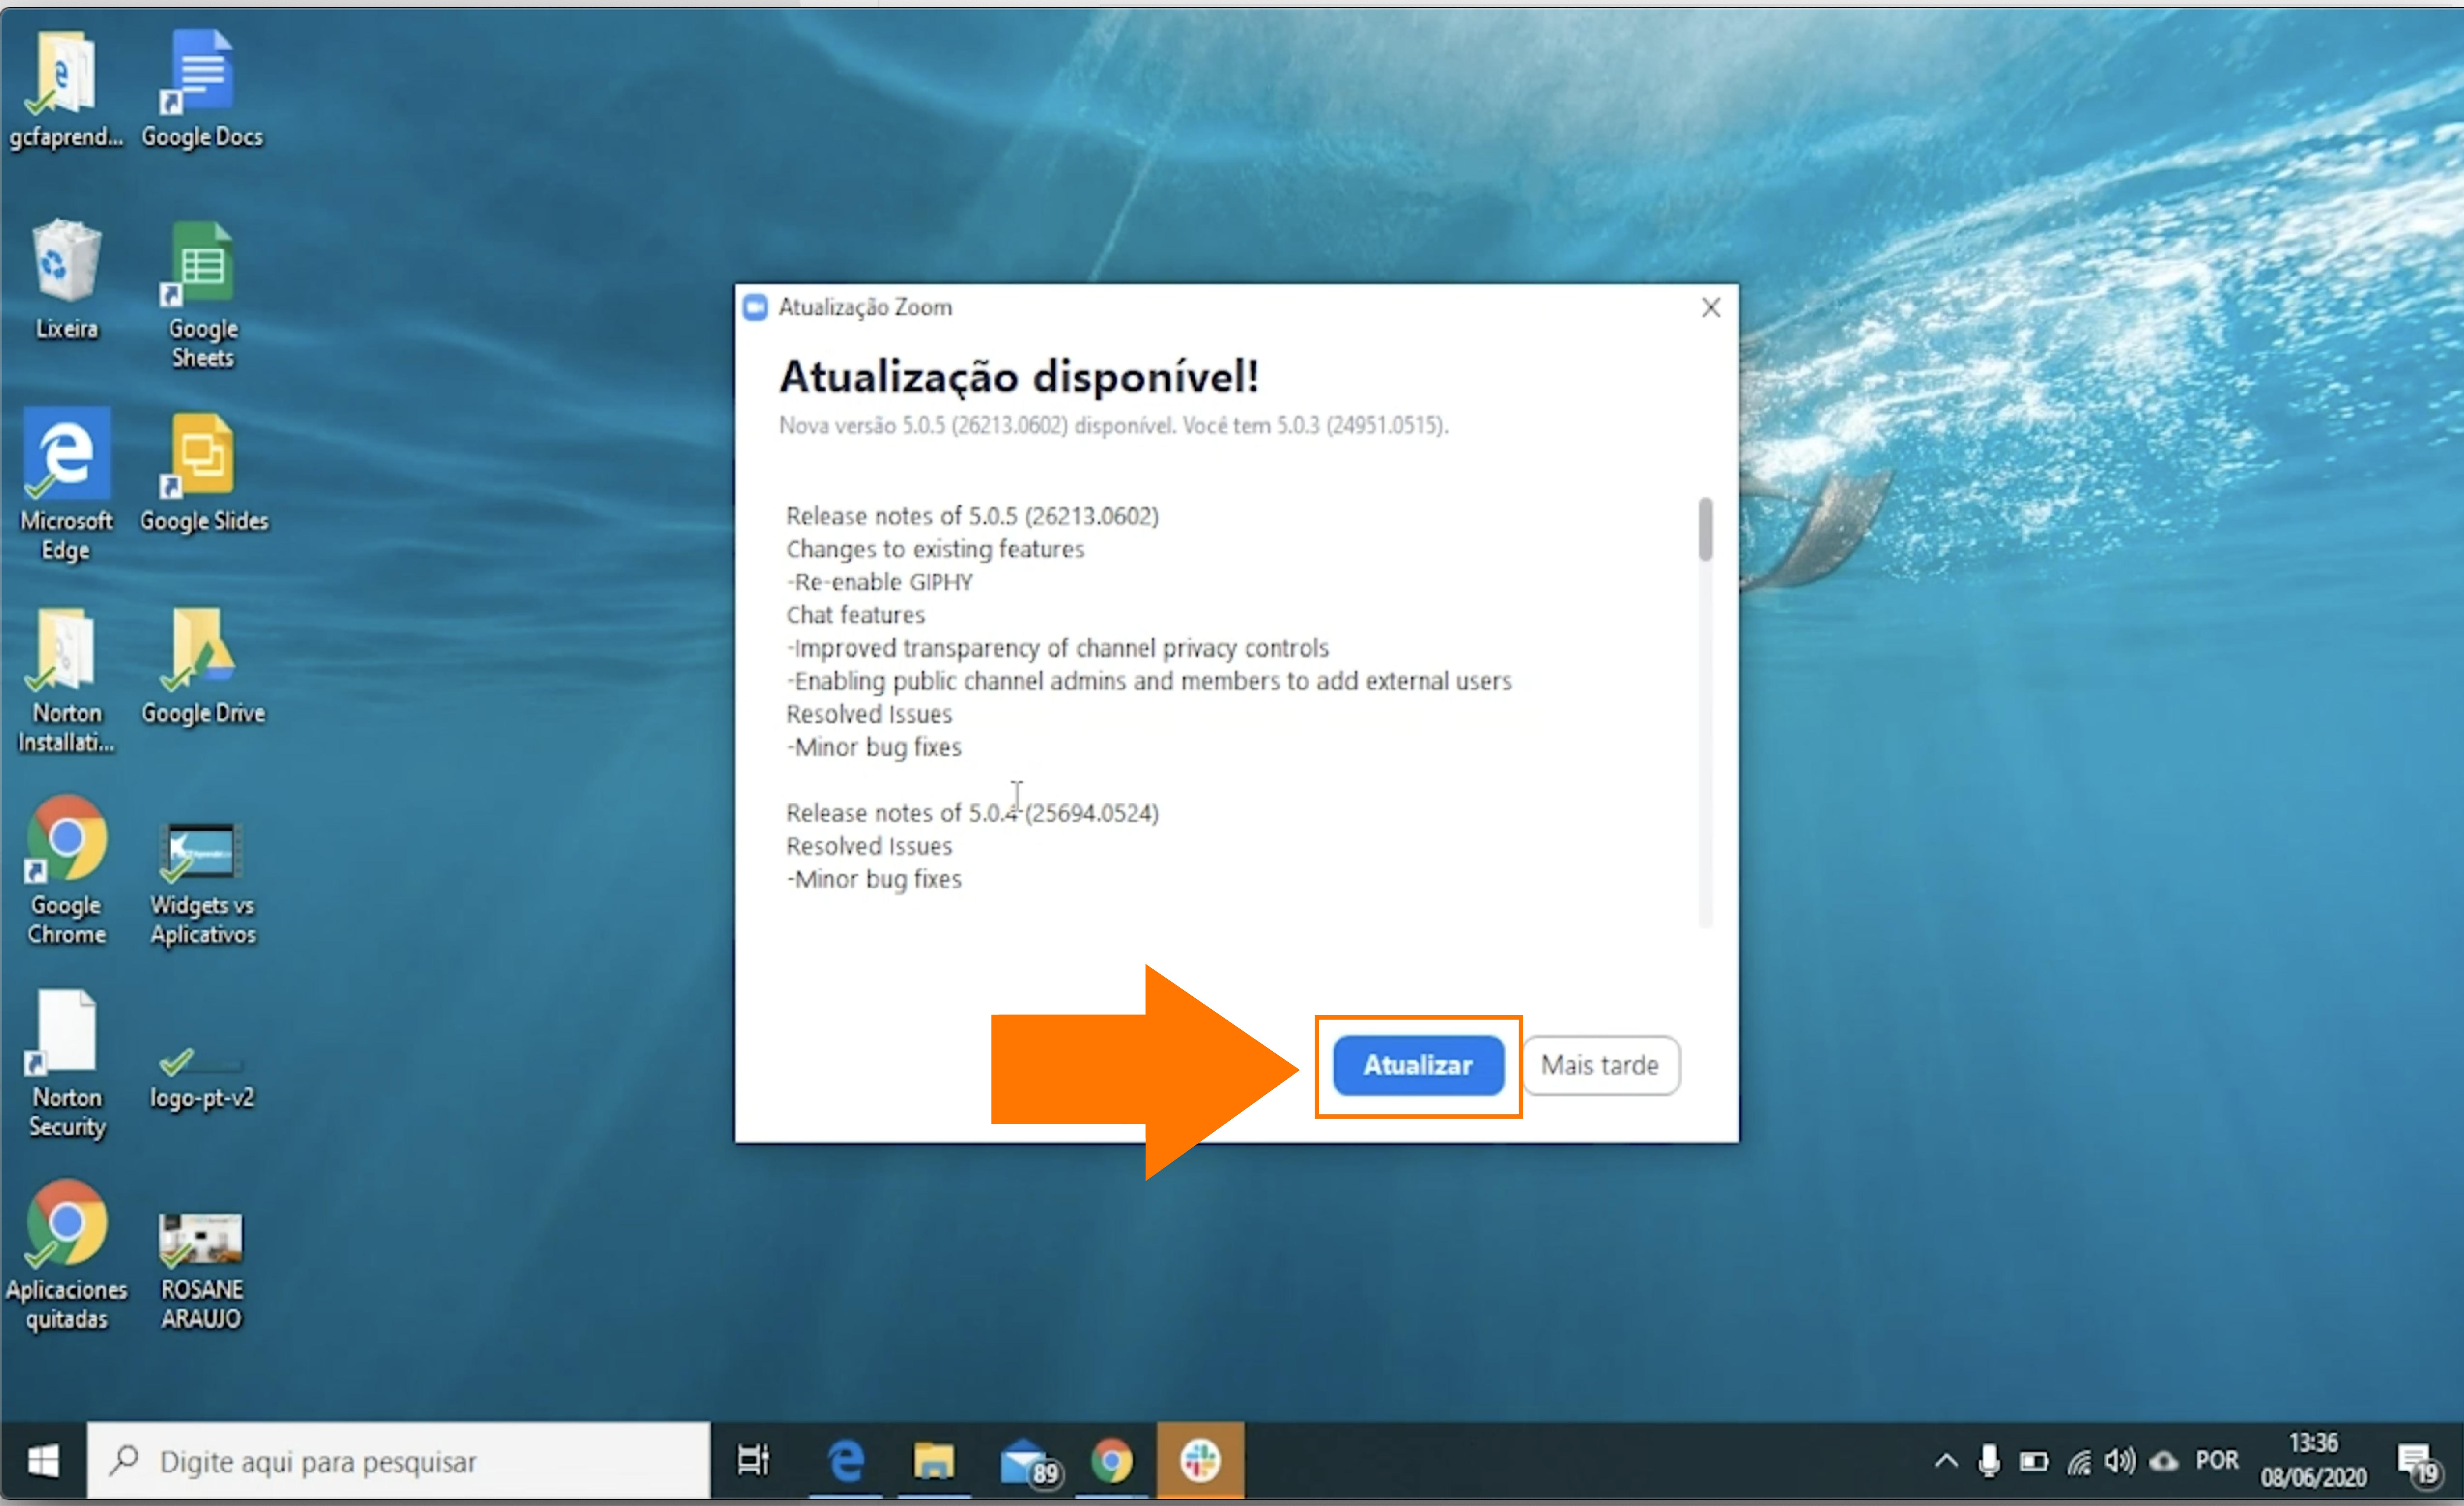 como atualizar o zoom no seu computador windows3